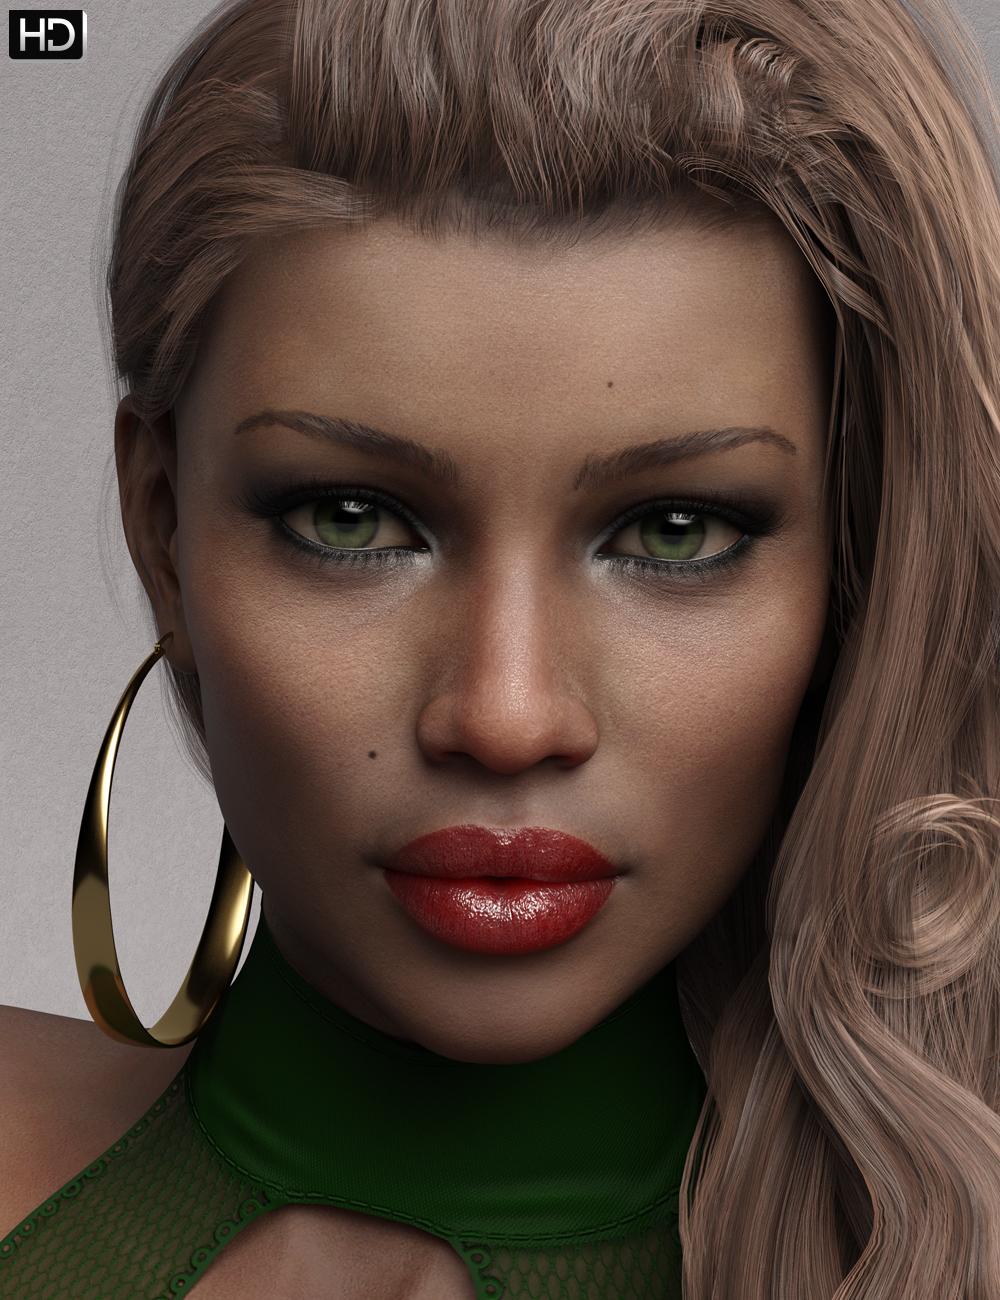 Jennifer HD for Genesis 8 Female by: Emrys, 3D Models by Daz 3D